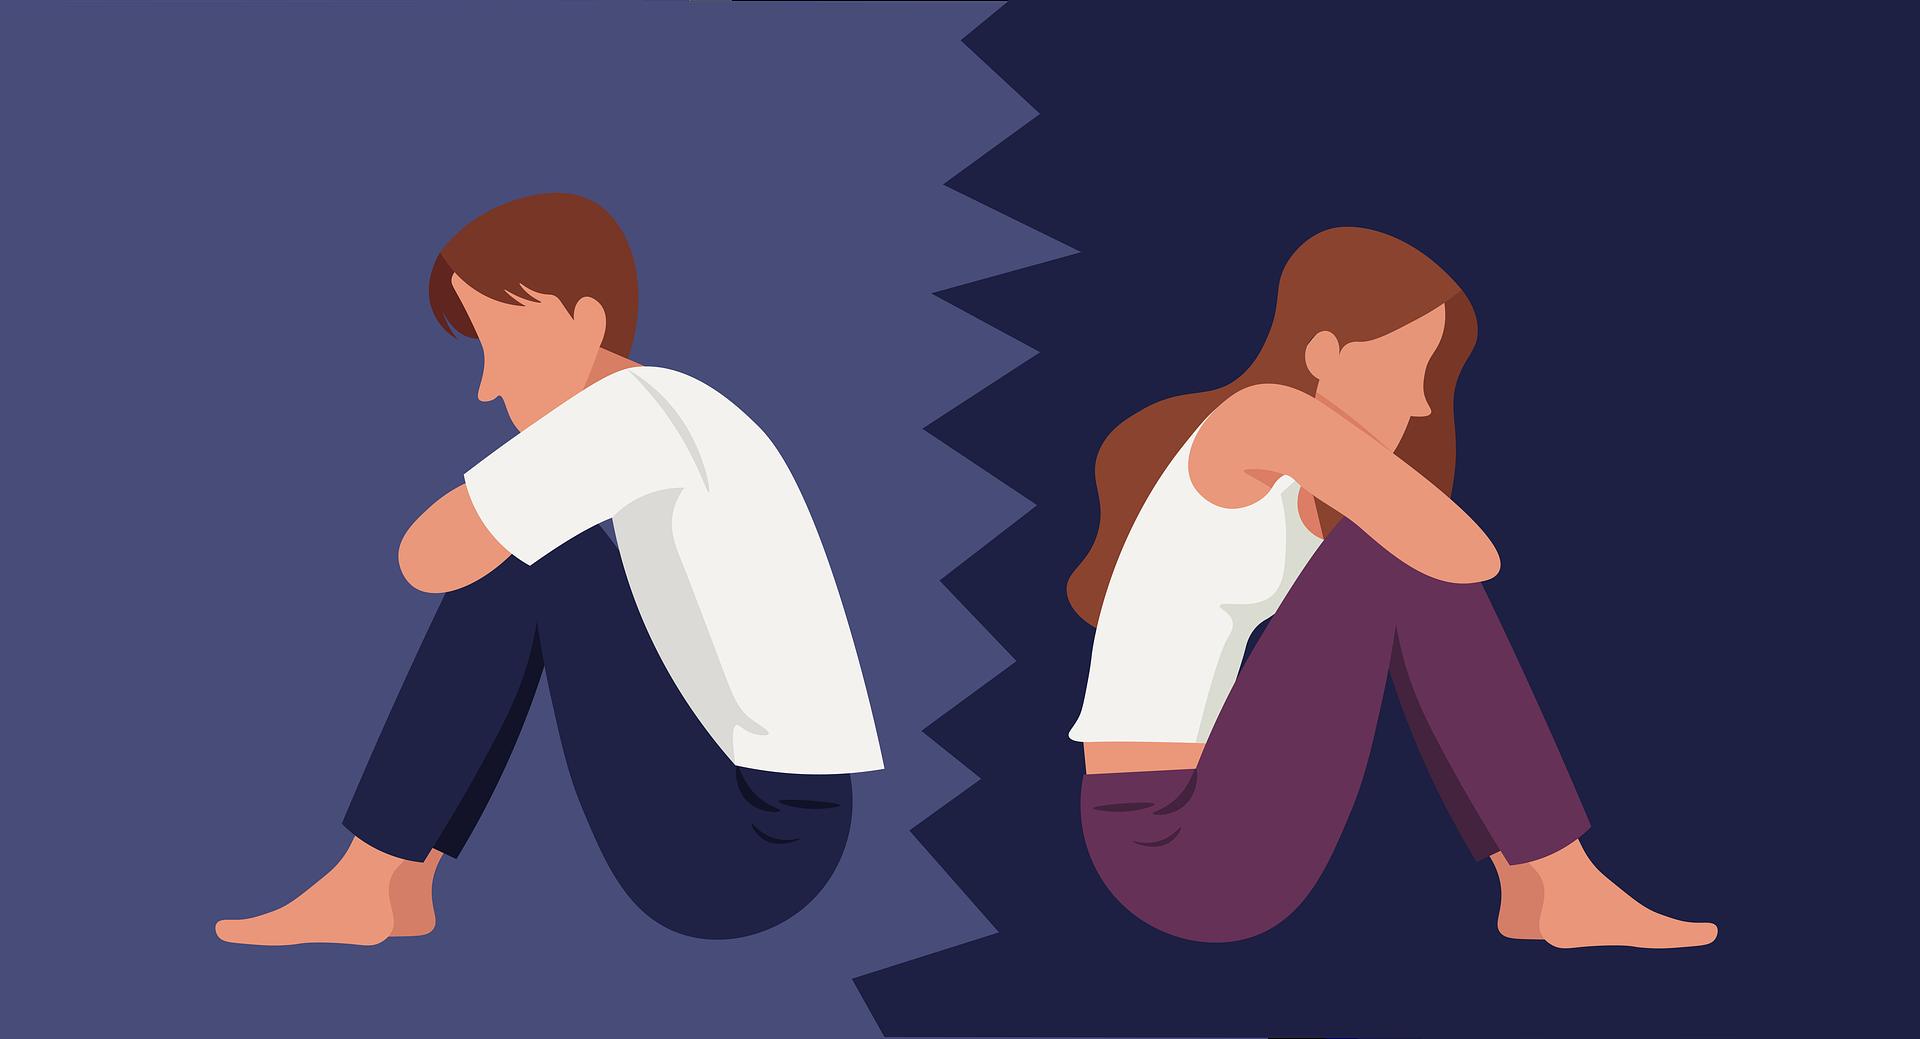 Žít v toxickém vztahu nepřináší nic dobrého. Rozchod většinou těžkosti může vyřešit.